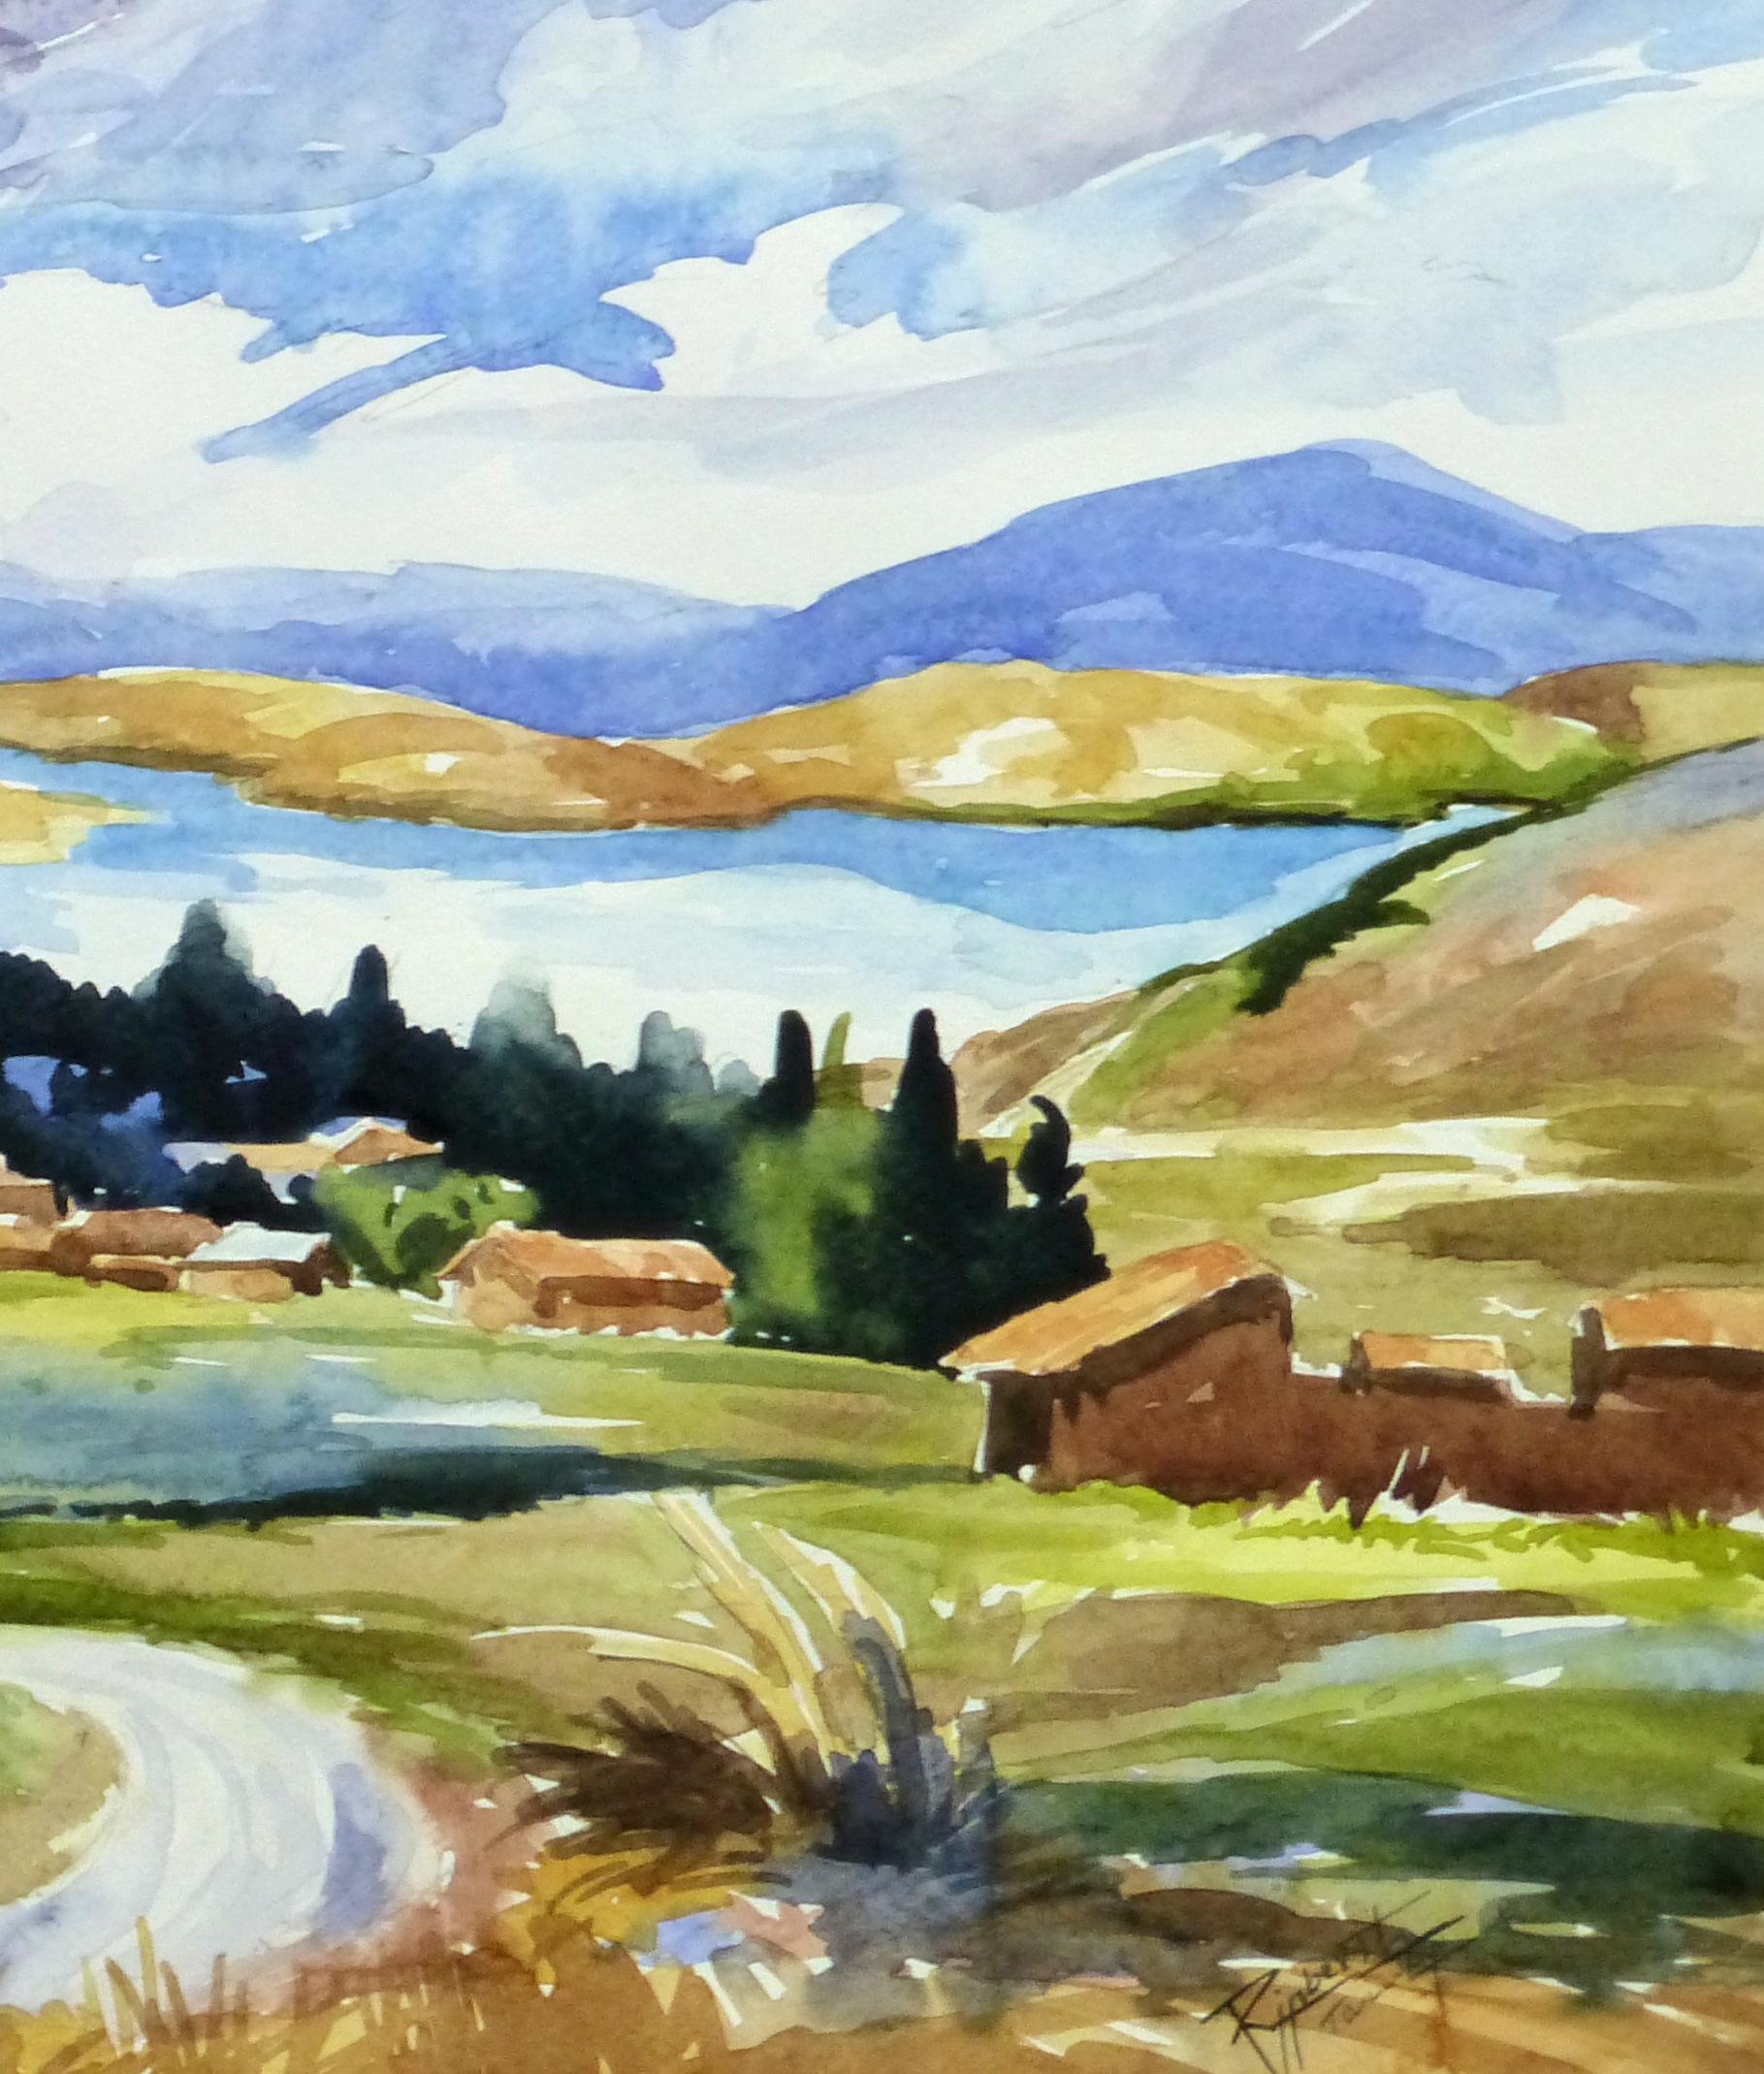 Watercolor Landscape - Lakeside Village, 2011-detail-10539M